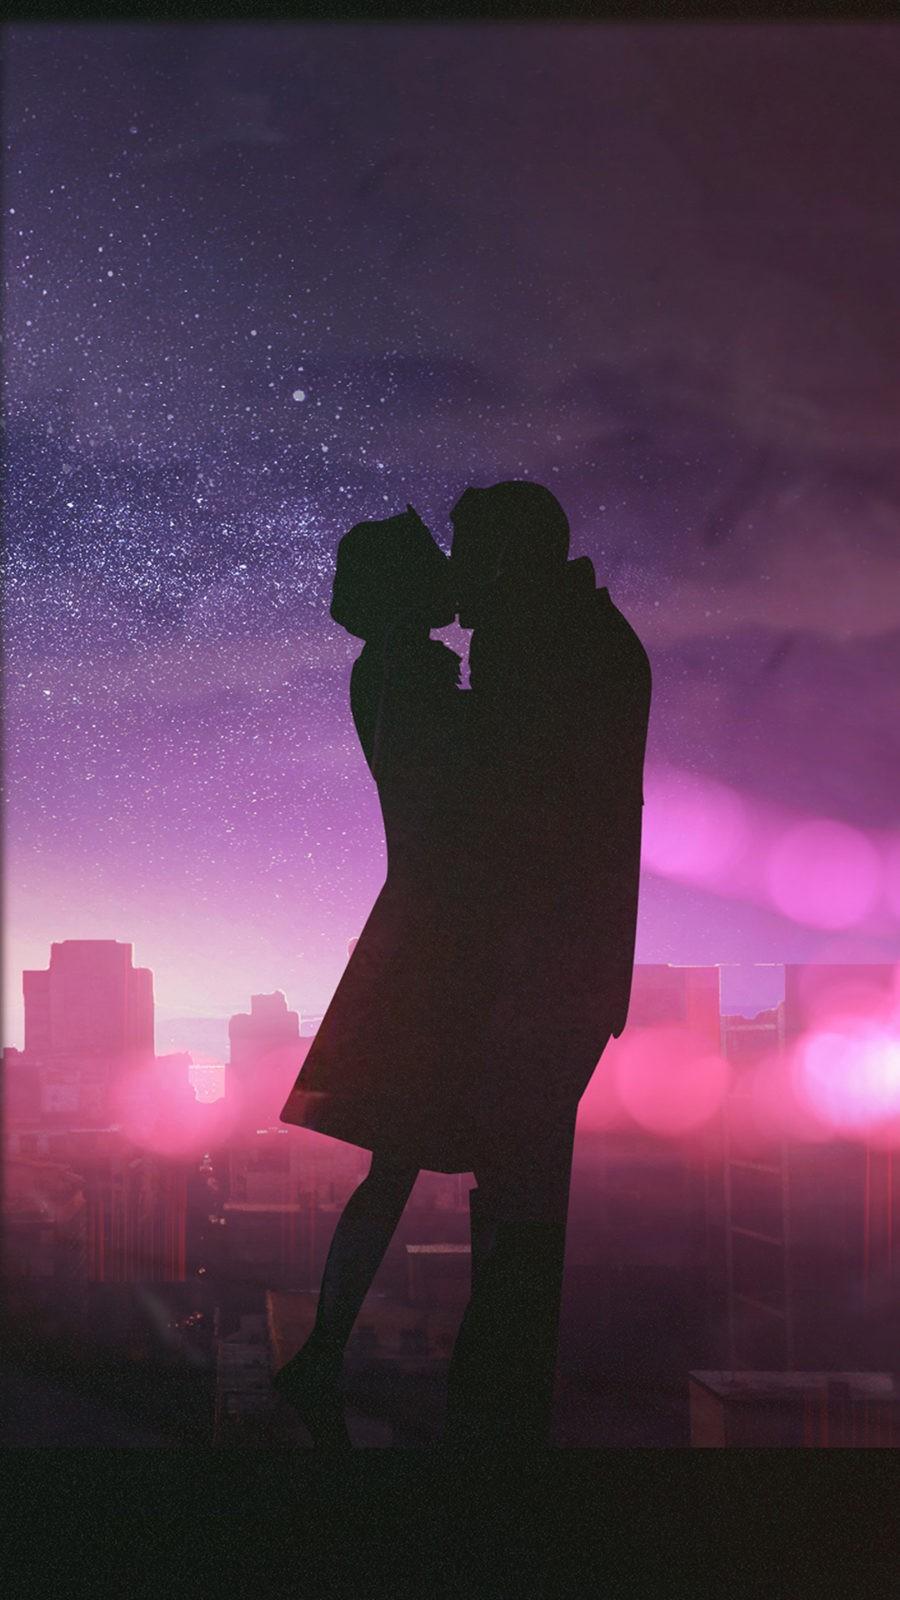 На телефон поцелуй